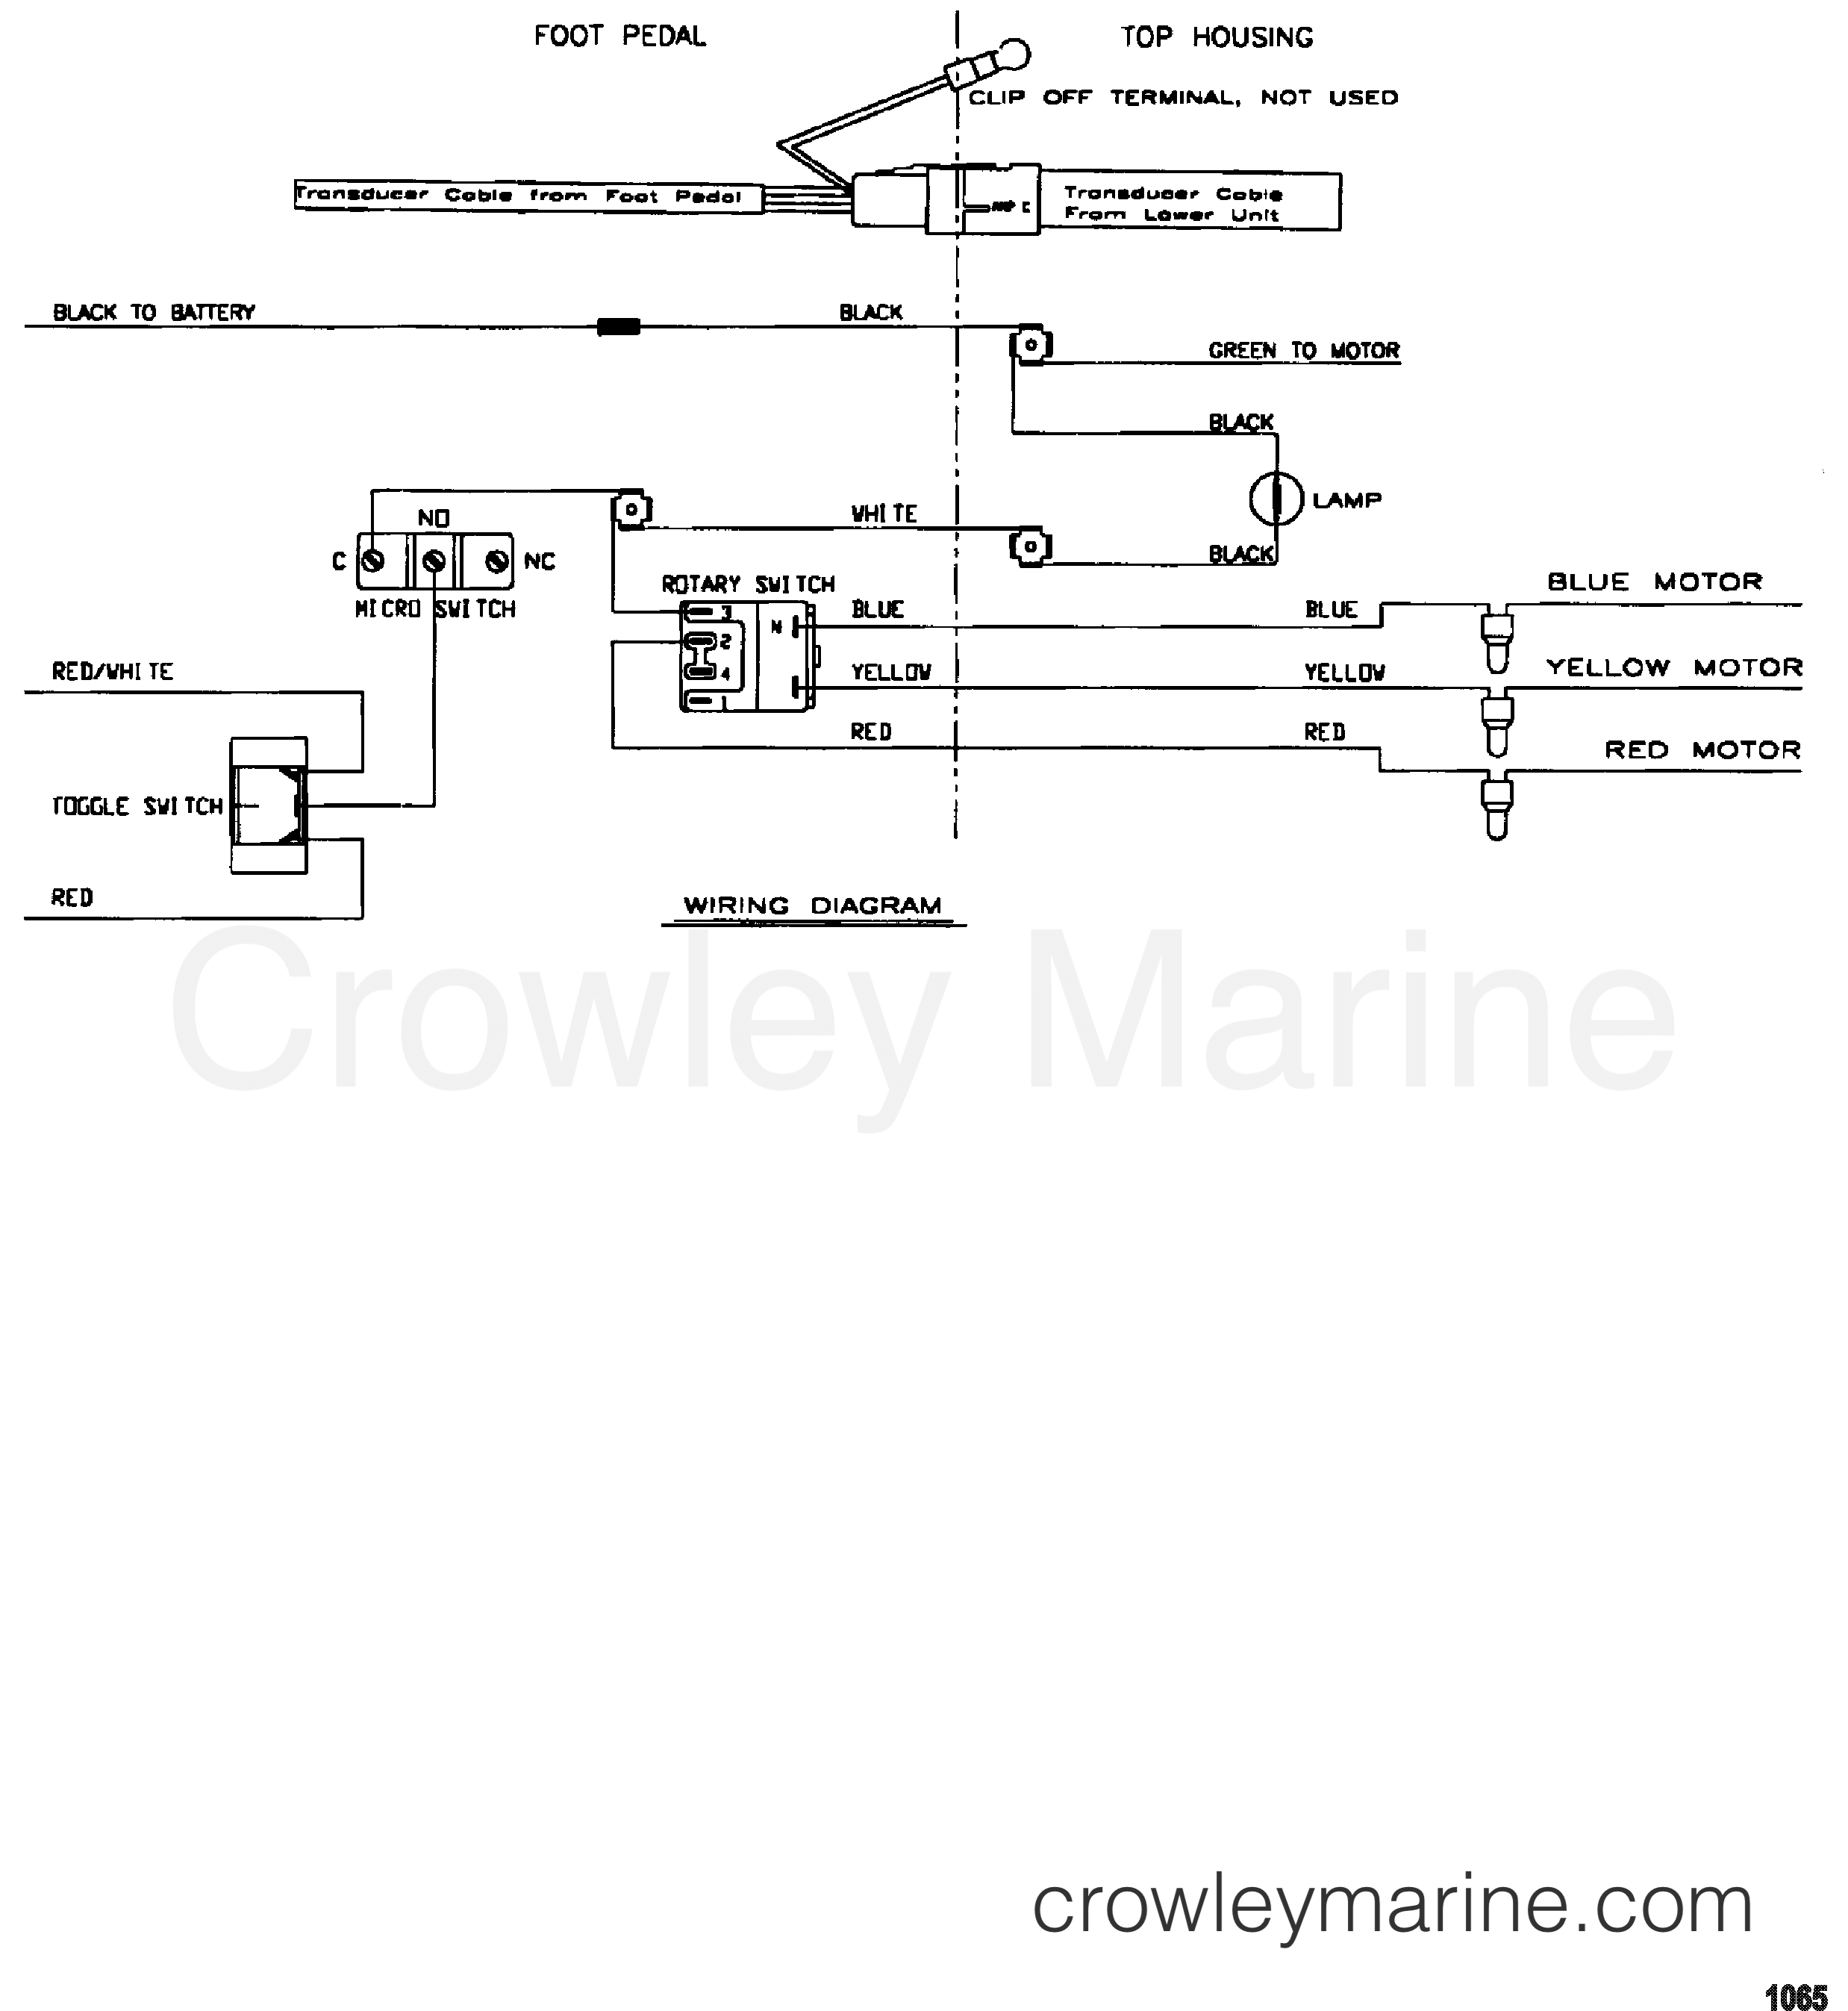 2000 MotorGuide 12V [MOTORGUIDE] - 9EF46B7W8 WIRE DIAGRAM(MODEL EF67P) (24 VOLT) section